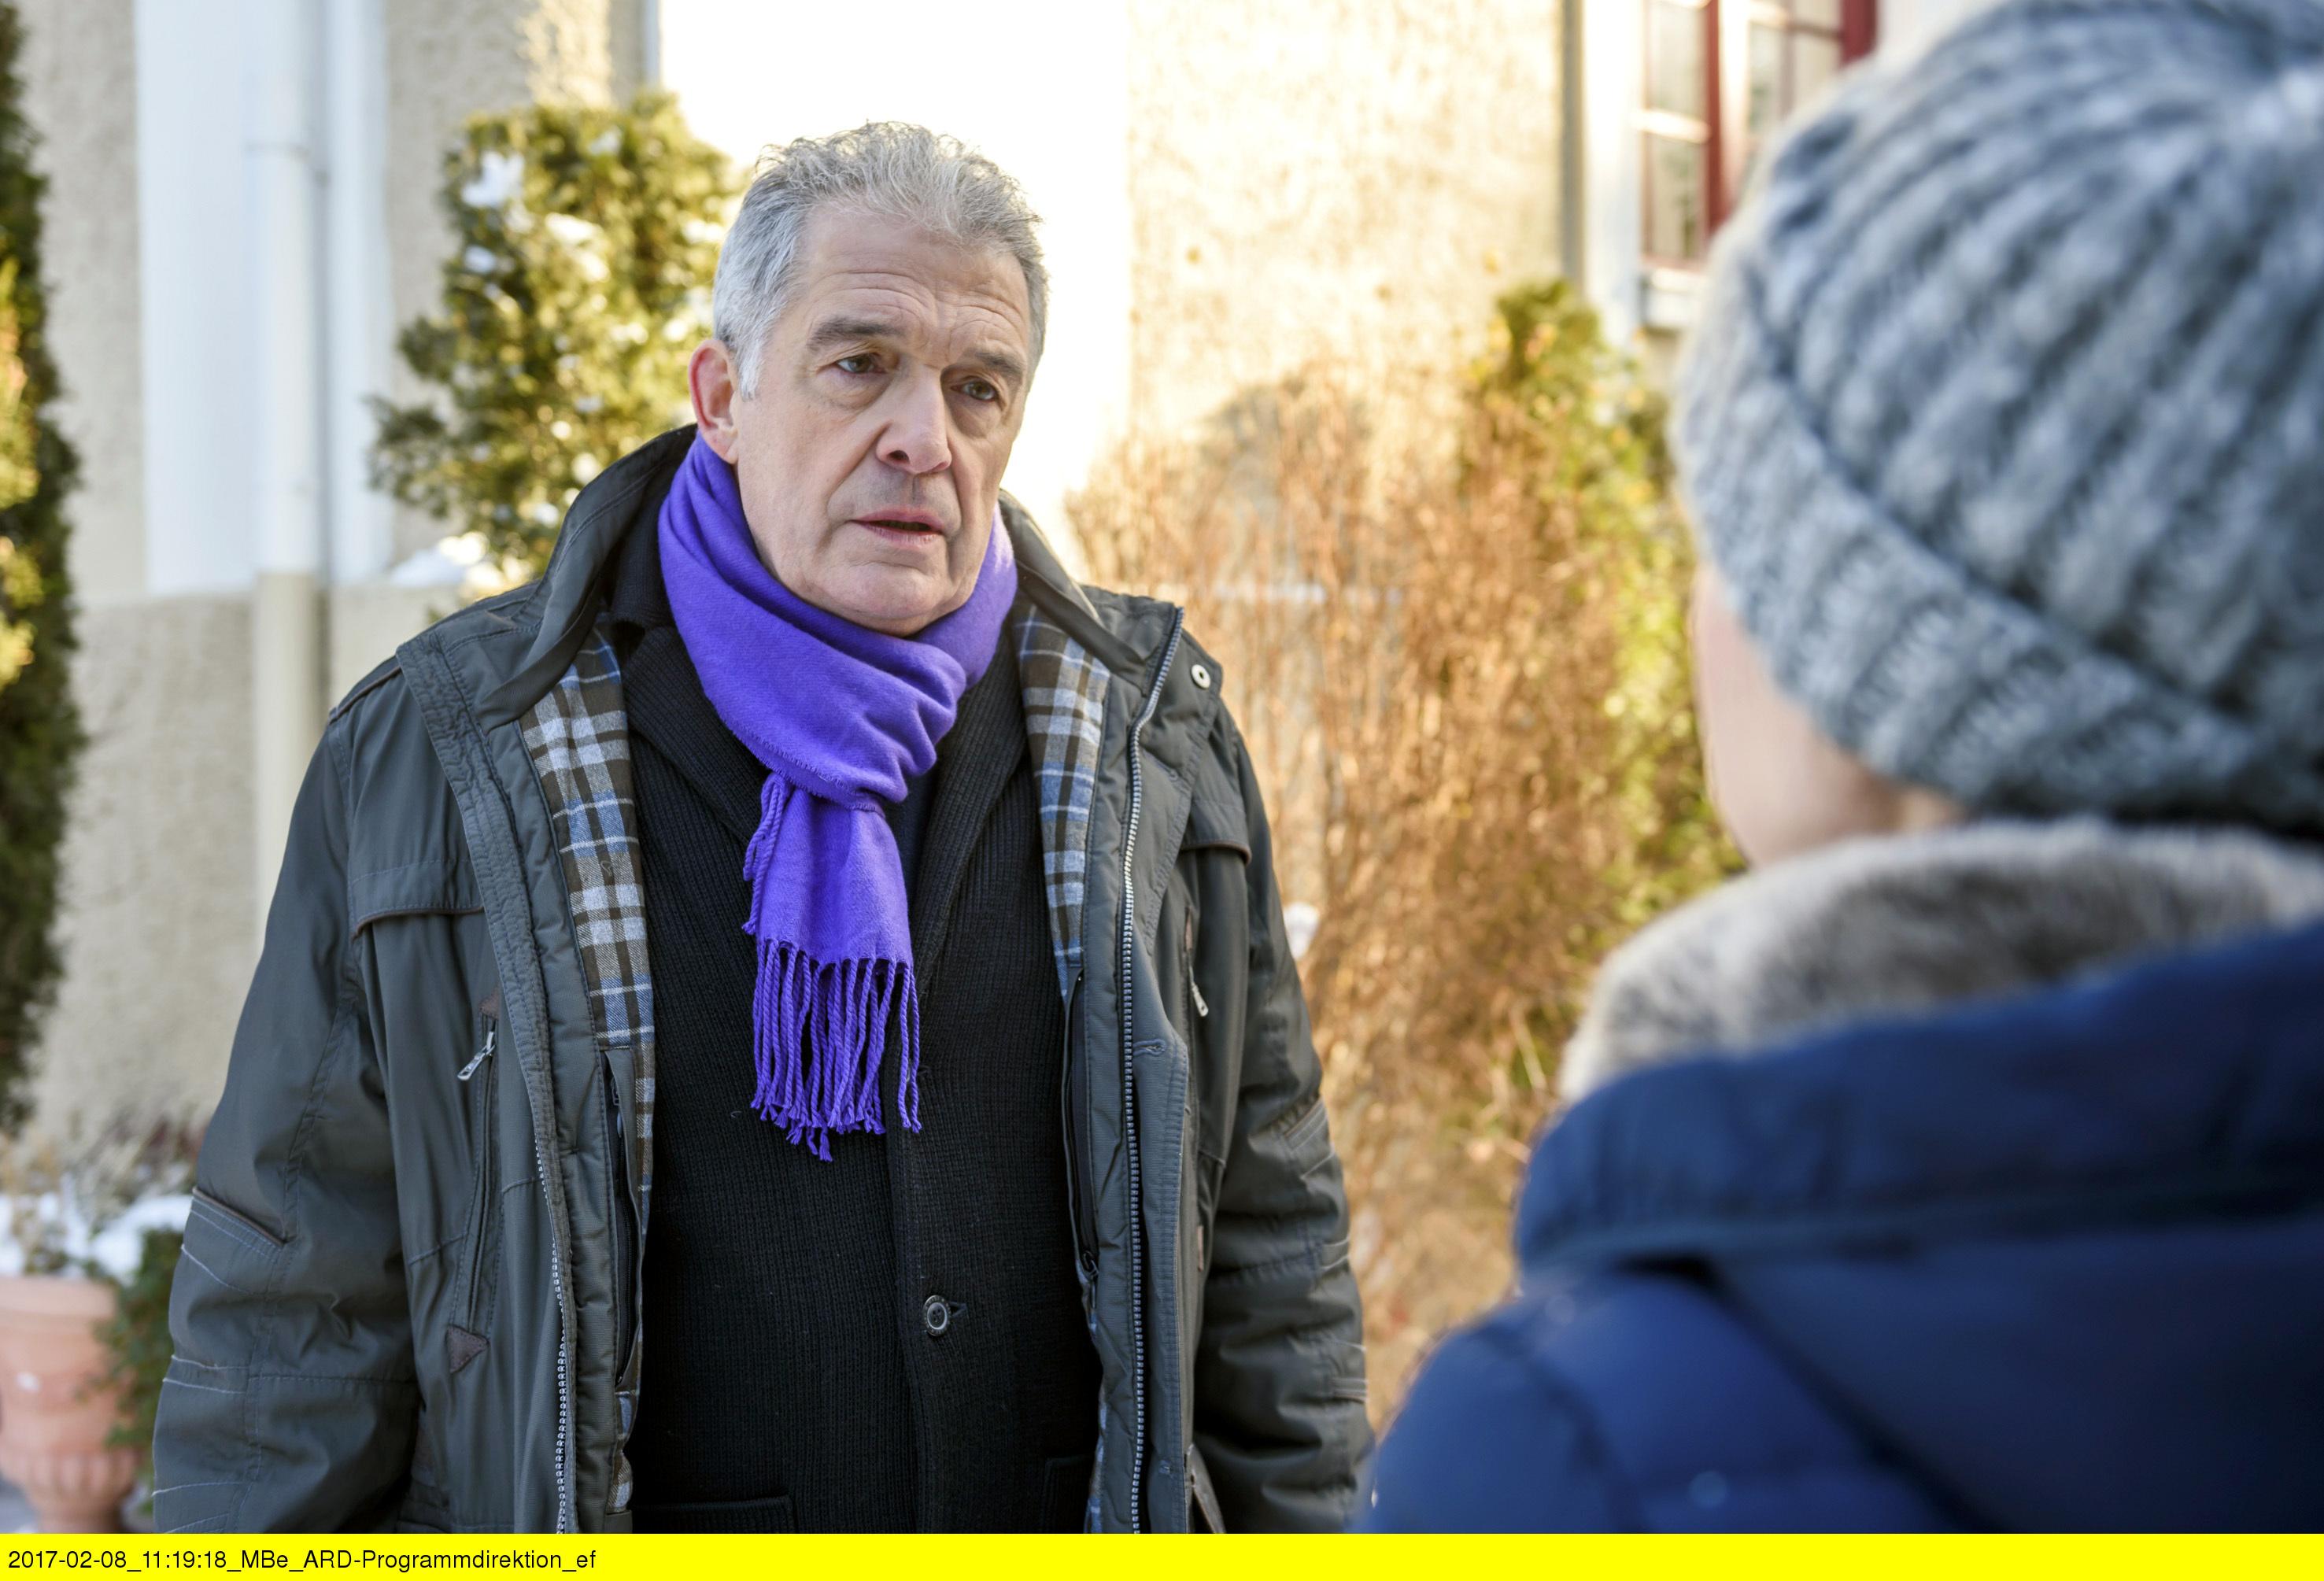 ARD STURM DER LIEBE FOLGE 2652, am Mittwoch (22.03.17) um 15:10 Uhr im ERSTEN. André (Joachim Lätsch, l.) will sich erst versöhnen, wenn Melli (Bojana Golenac, r.) sich beruhigt hat. (Quelle: ARD/Christof Arnold)